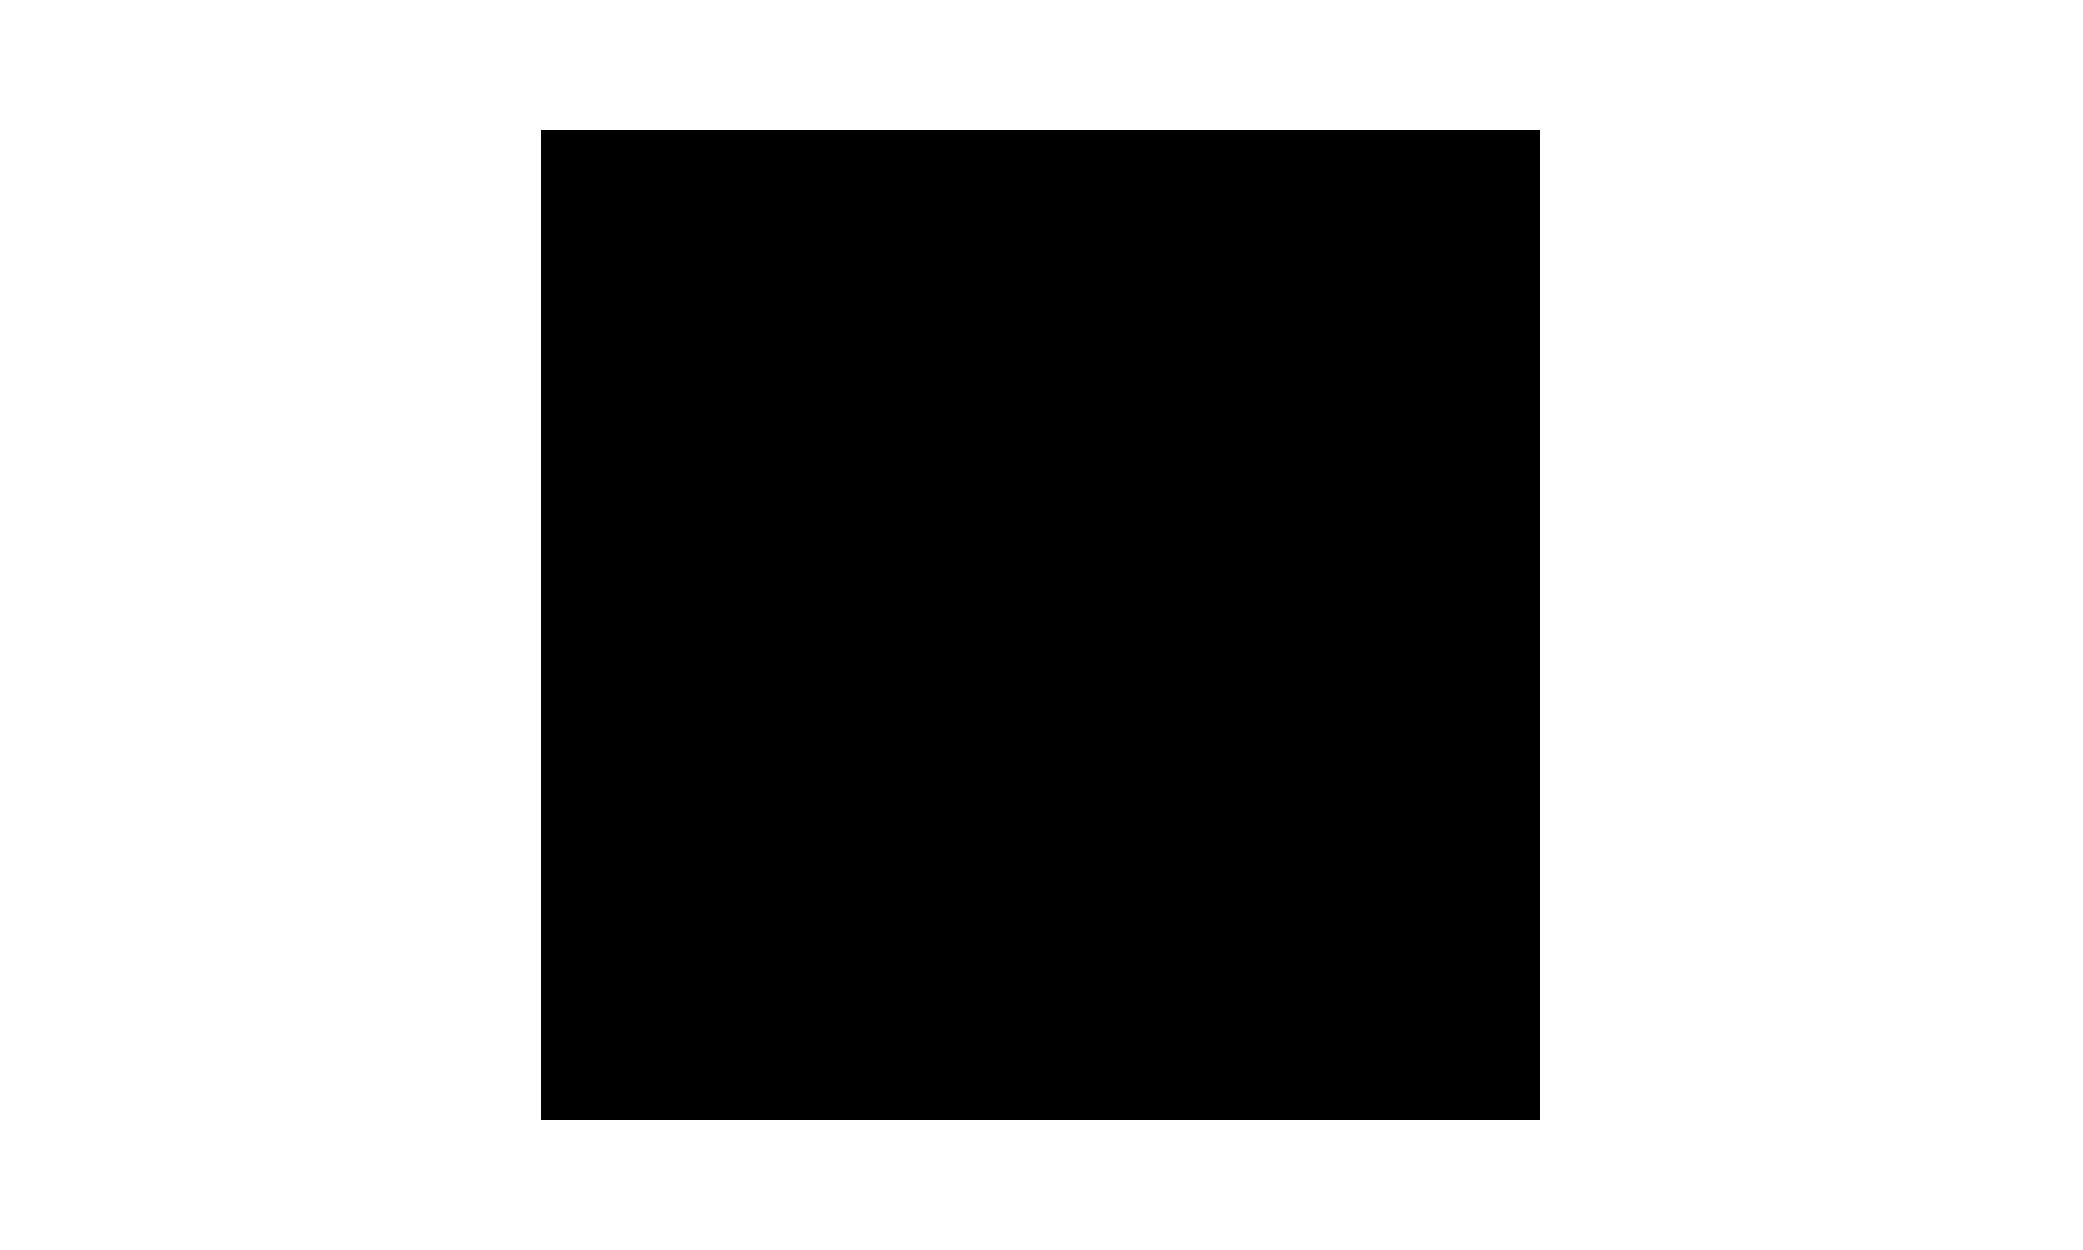 Oribiky